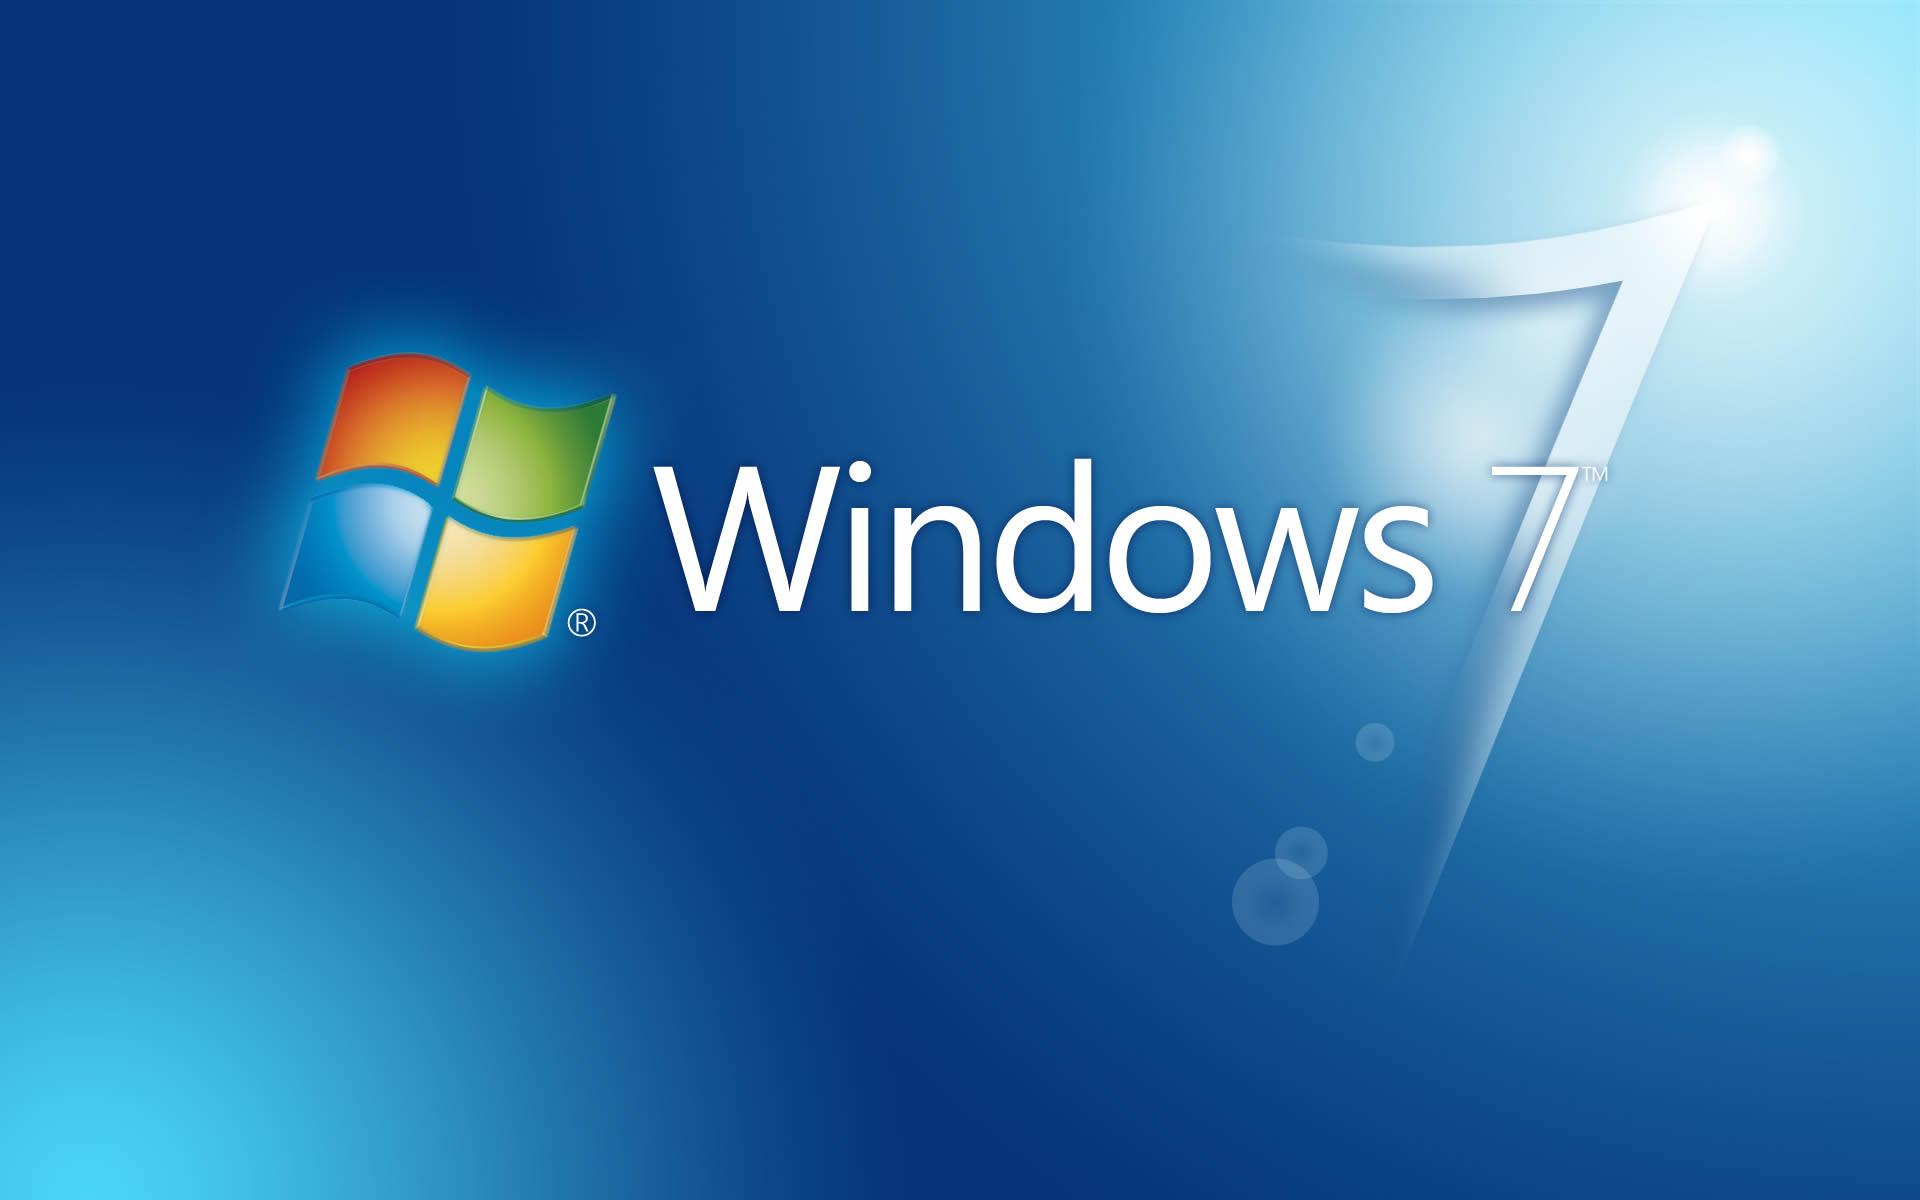 verso beta do Windows 7 expira e a partir de 1 de Junho o Windows 1920x1200